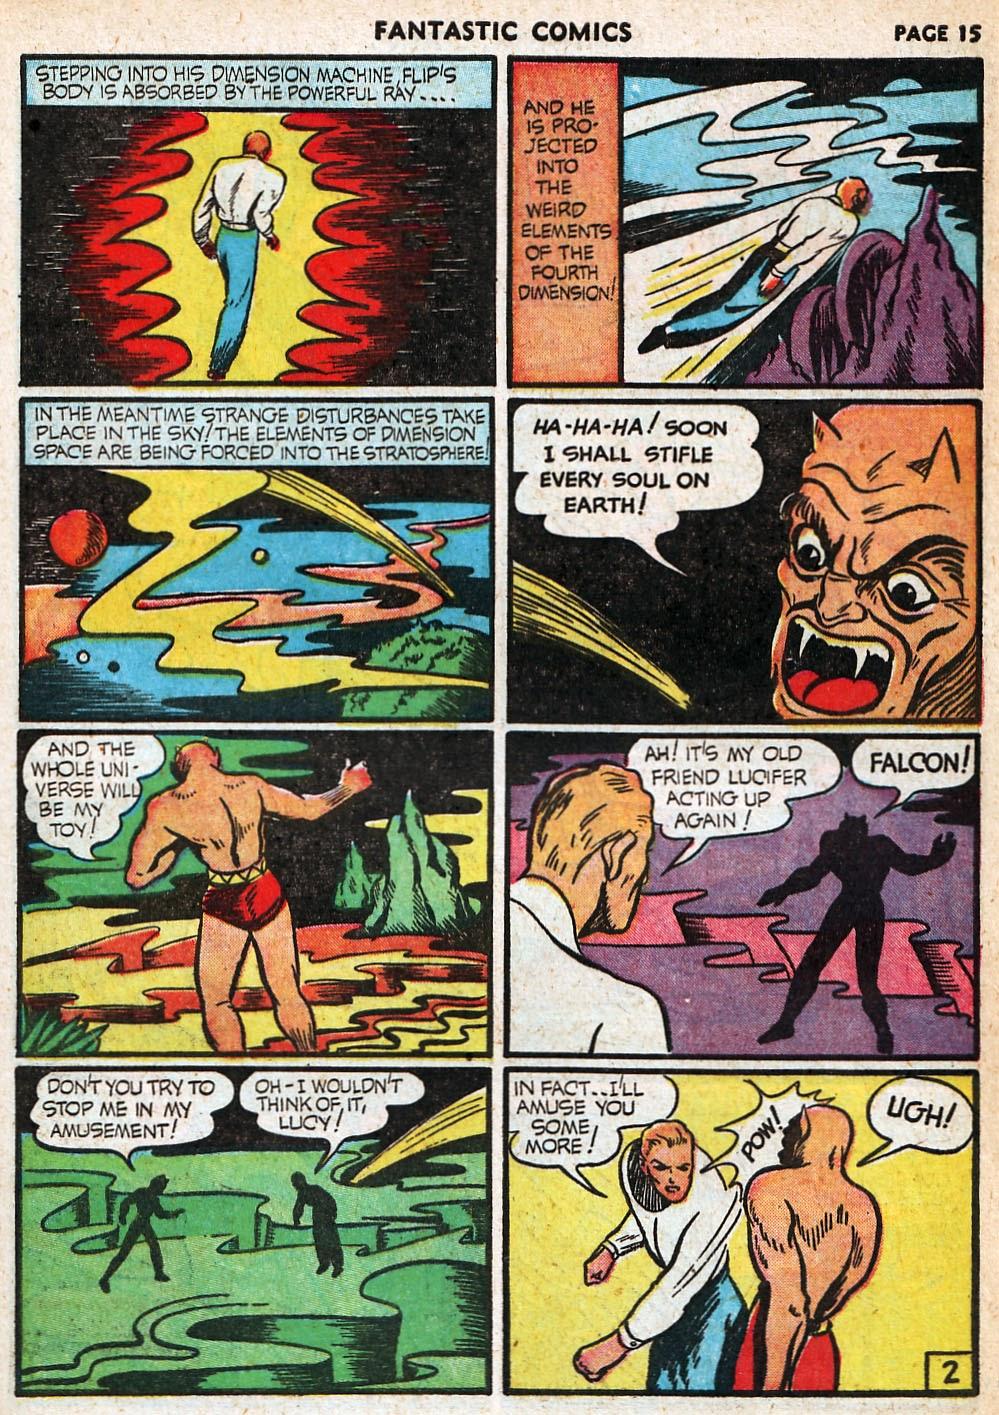 Read online Fantastic Comics comic -  Issue #20 - 16